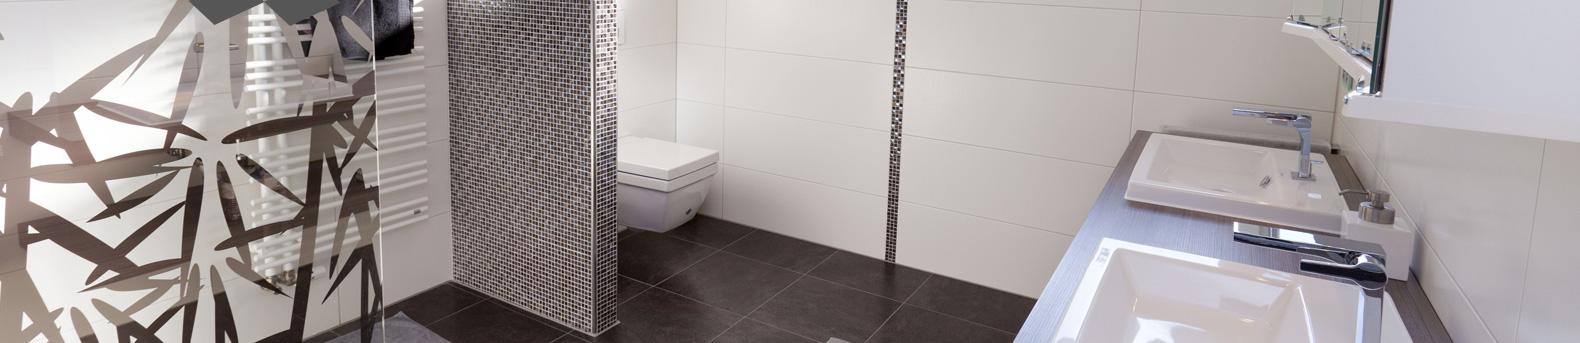 Badezimmer mit großen sowie kleinen Fliesen ineinader abgestimmt.